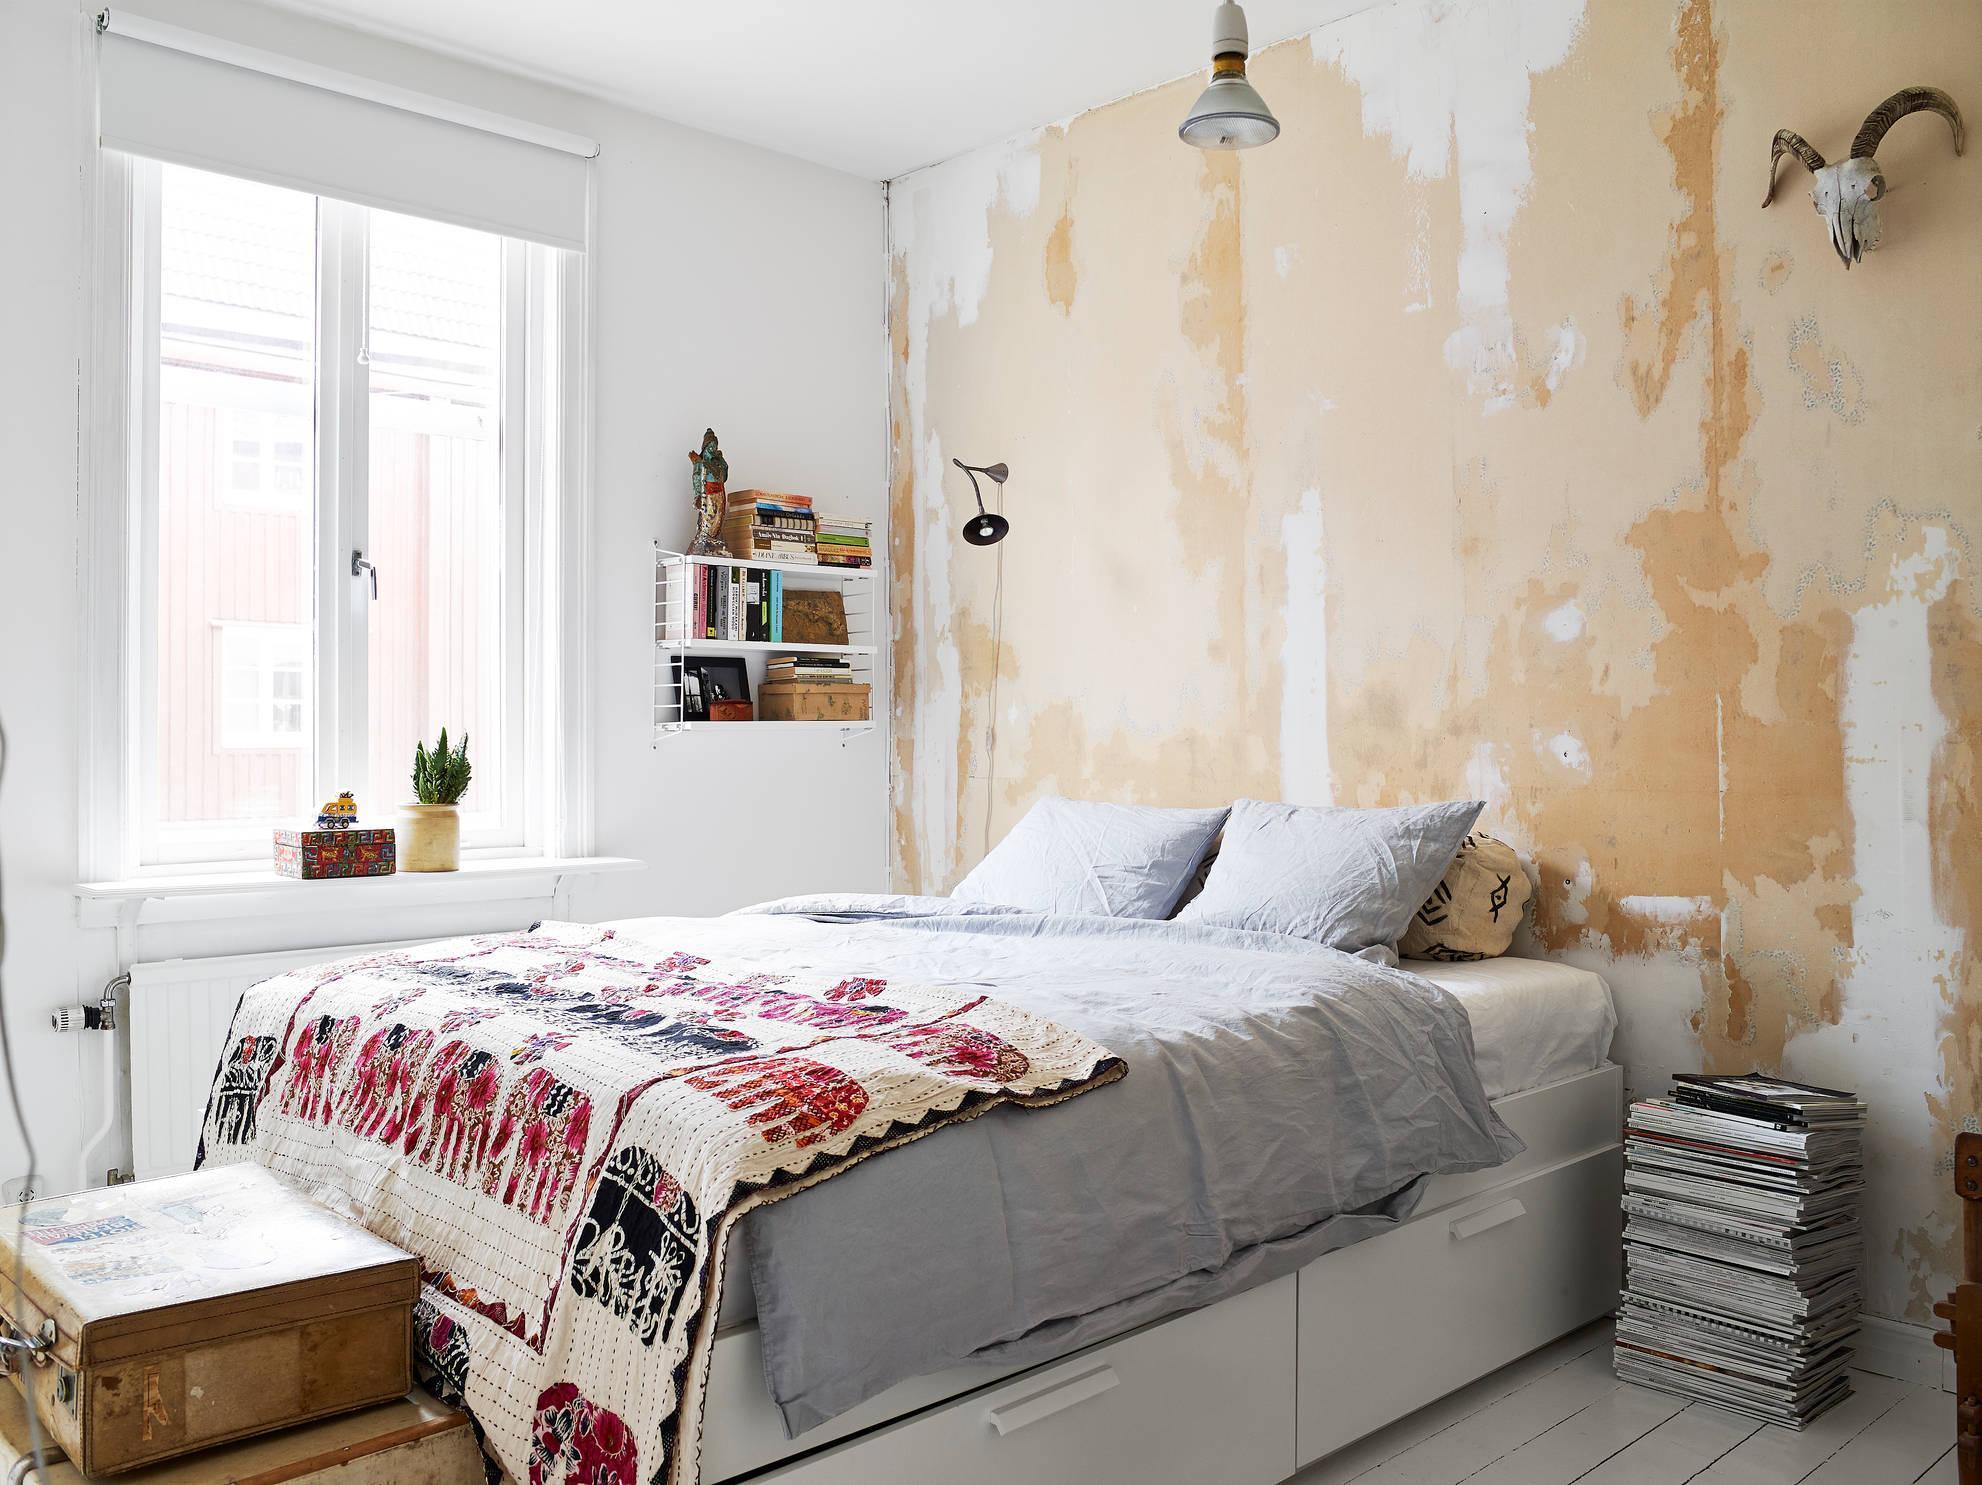 kucuk yatak odasi dekorasyonu